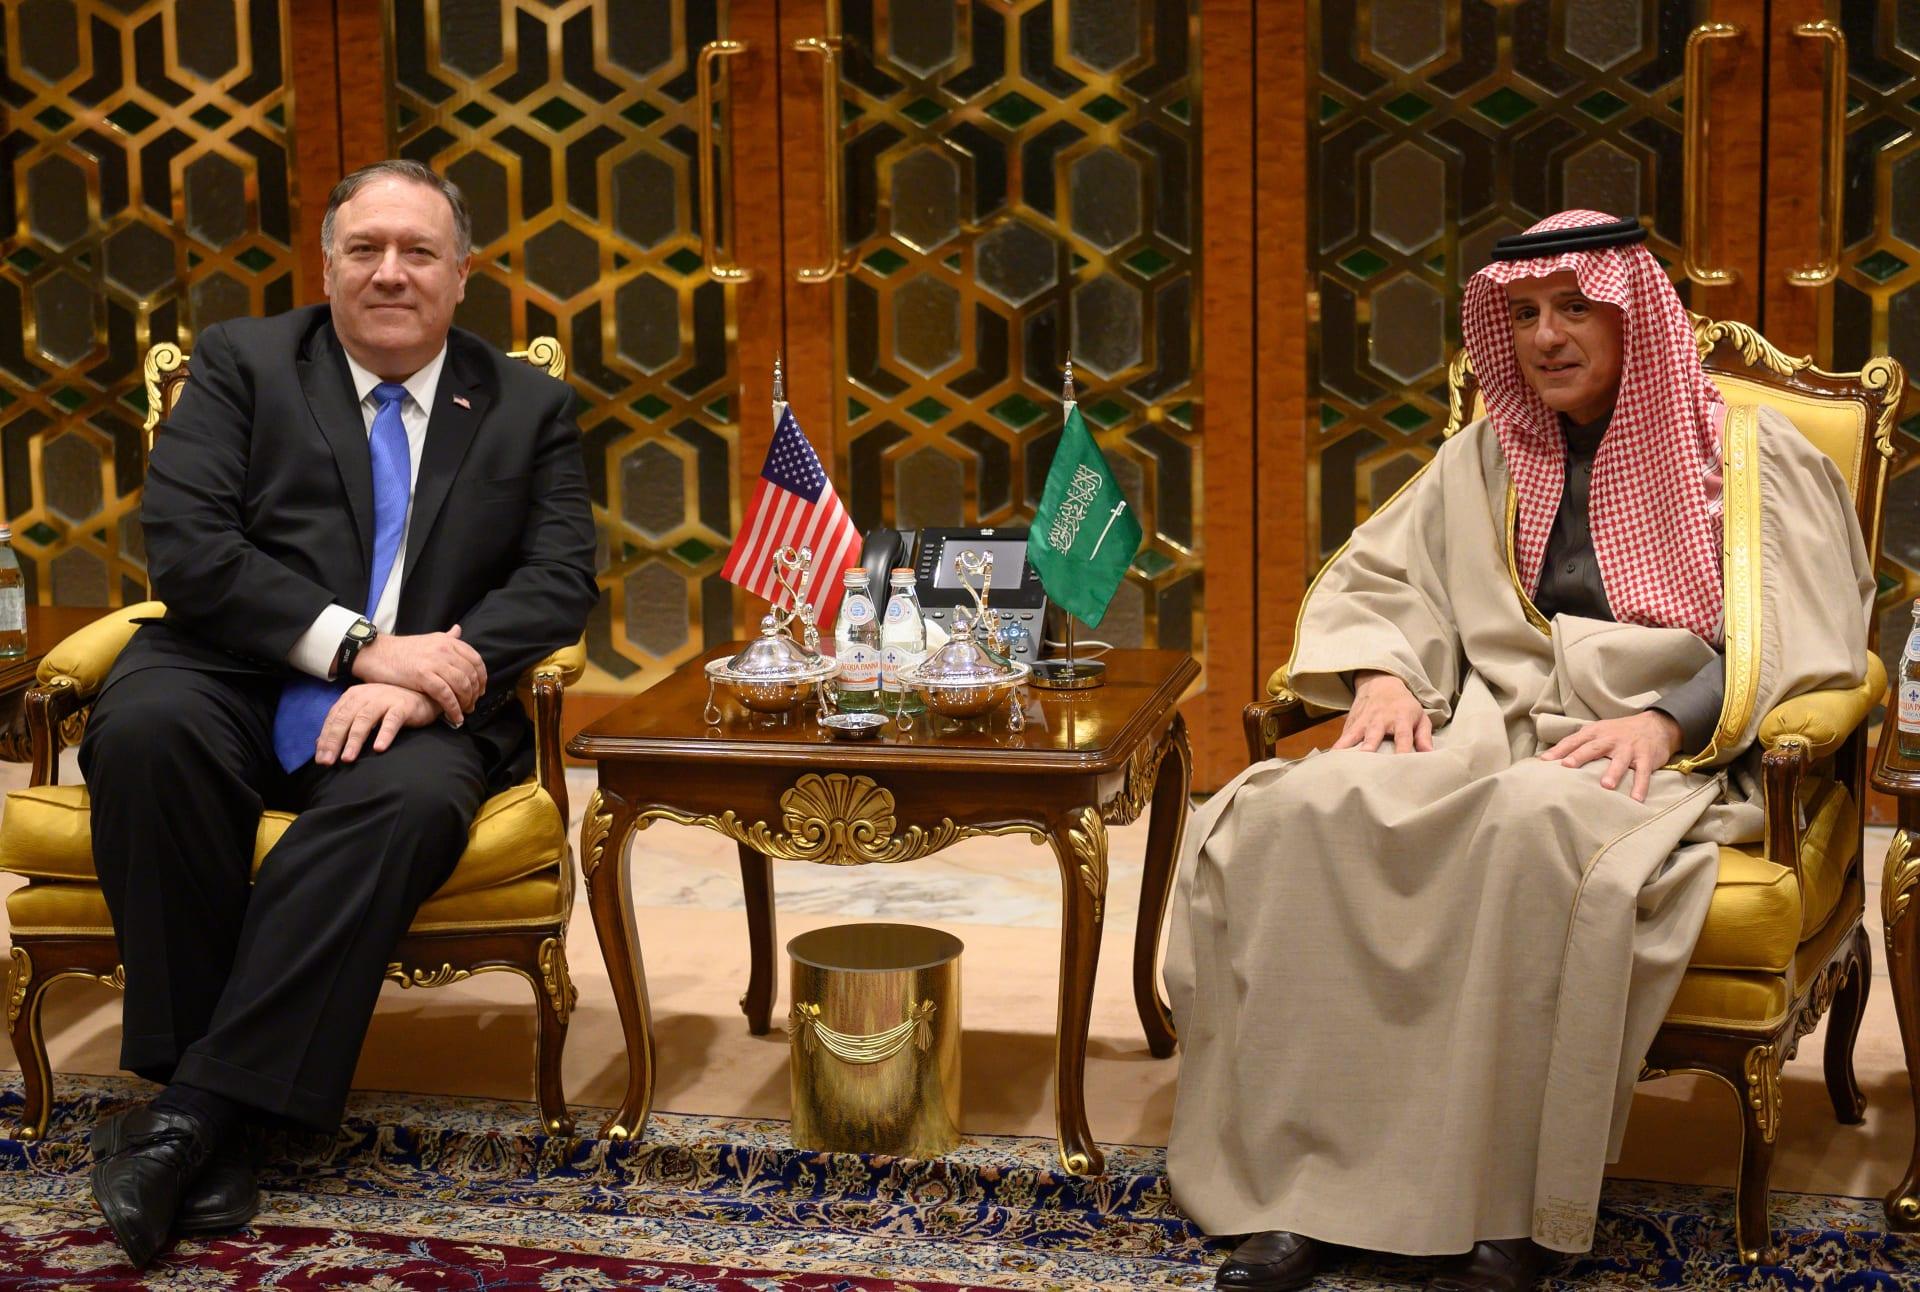 بومبيو يصل إلى السعودية للقاء ولي العهد خلال جولة شرق أوسطية